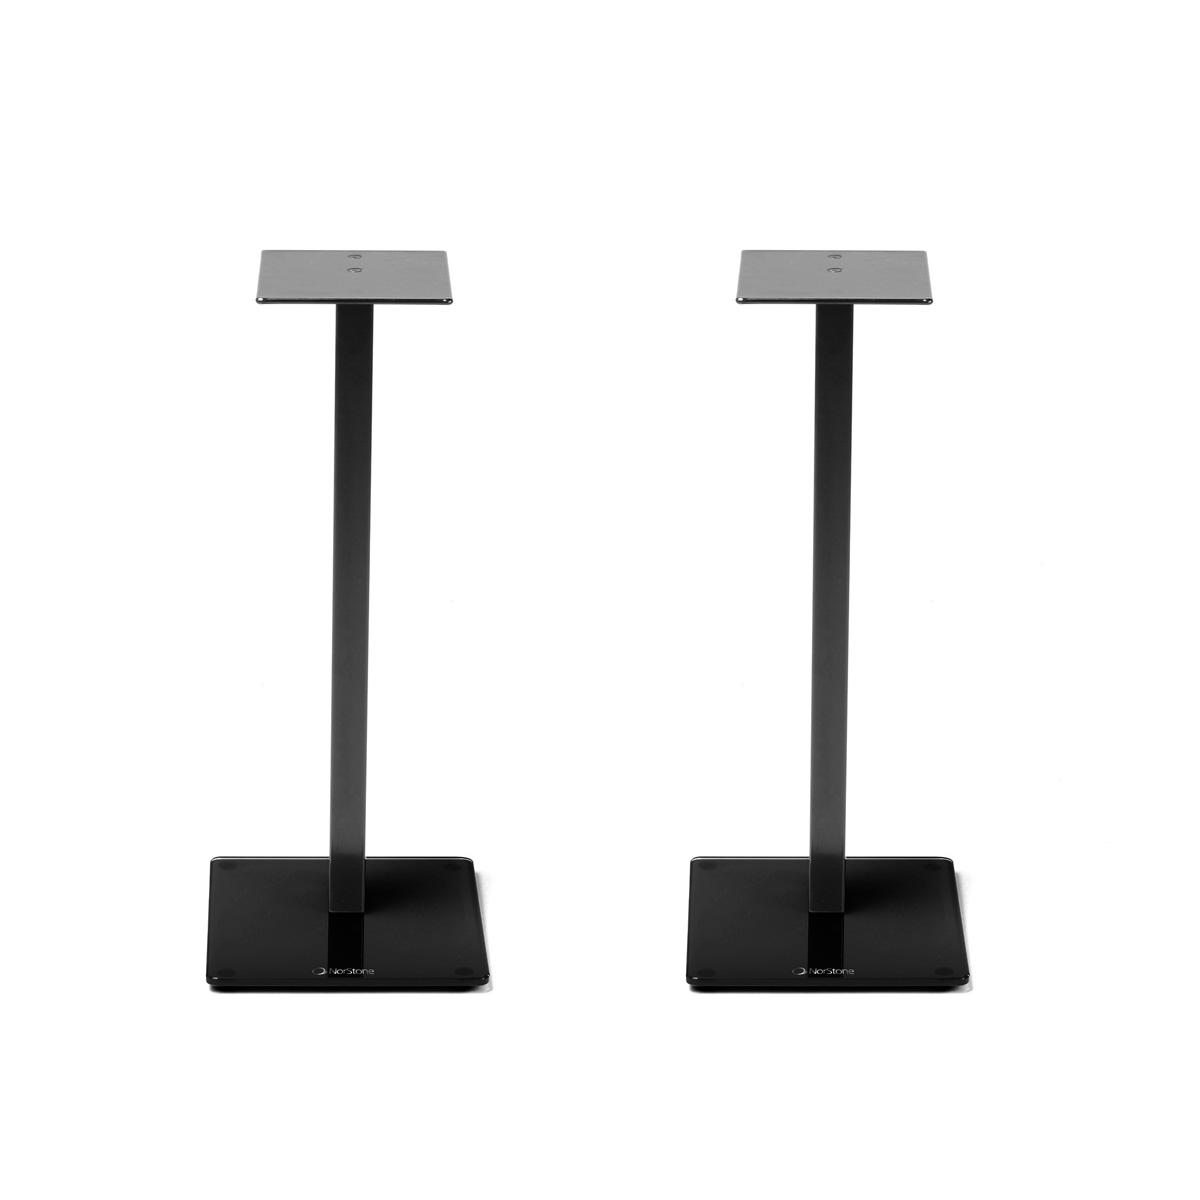 norstone esse stand noir par paire pied support enceinte norstone sur. Black Bedroom Furniture Sets. Home Design Ideas